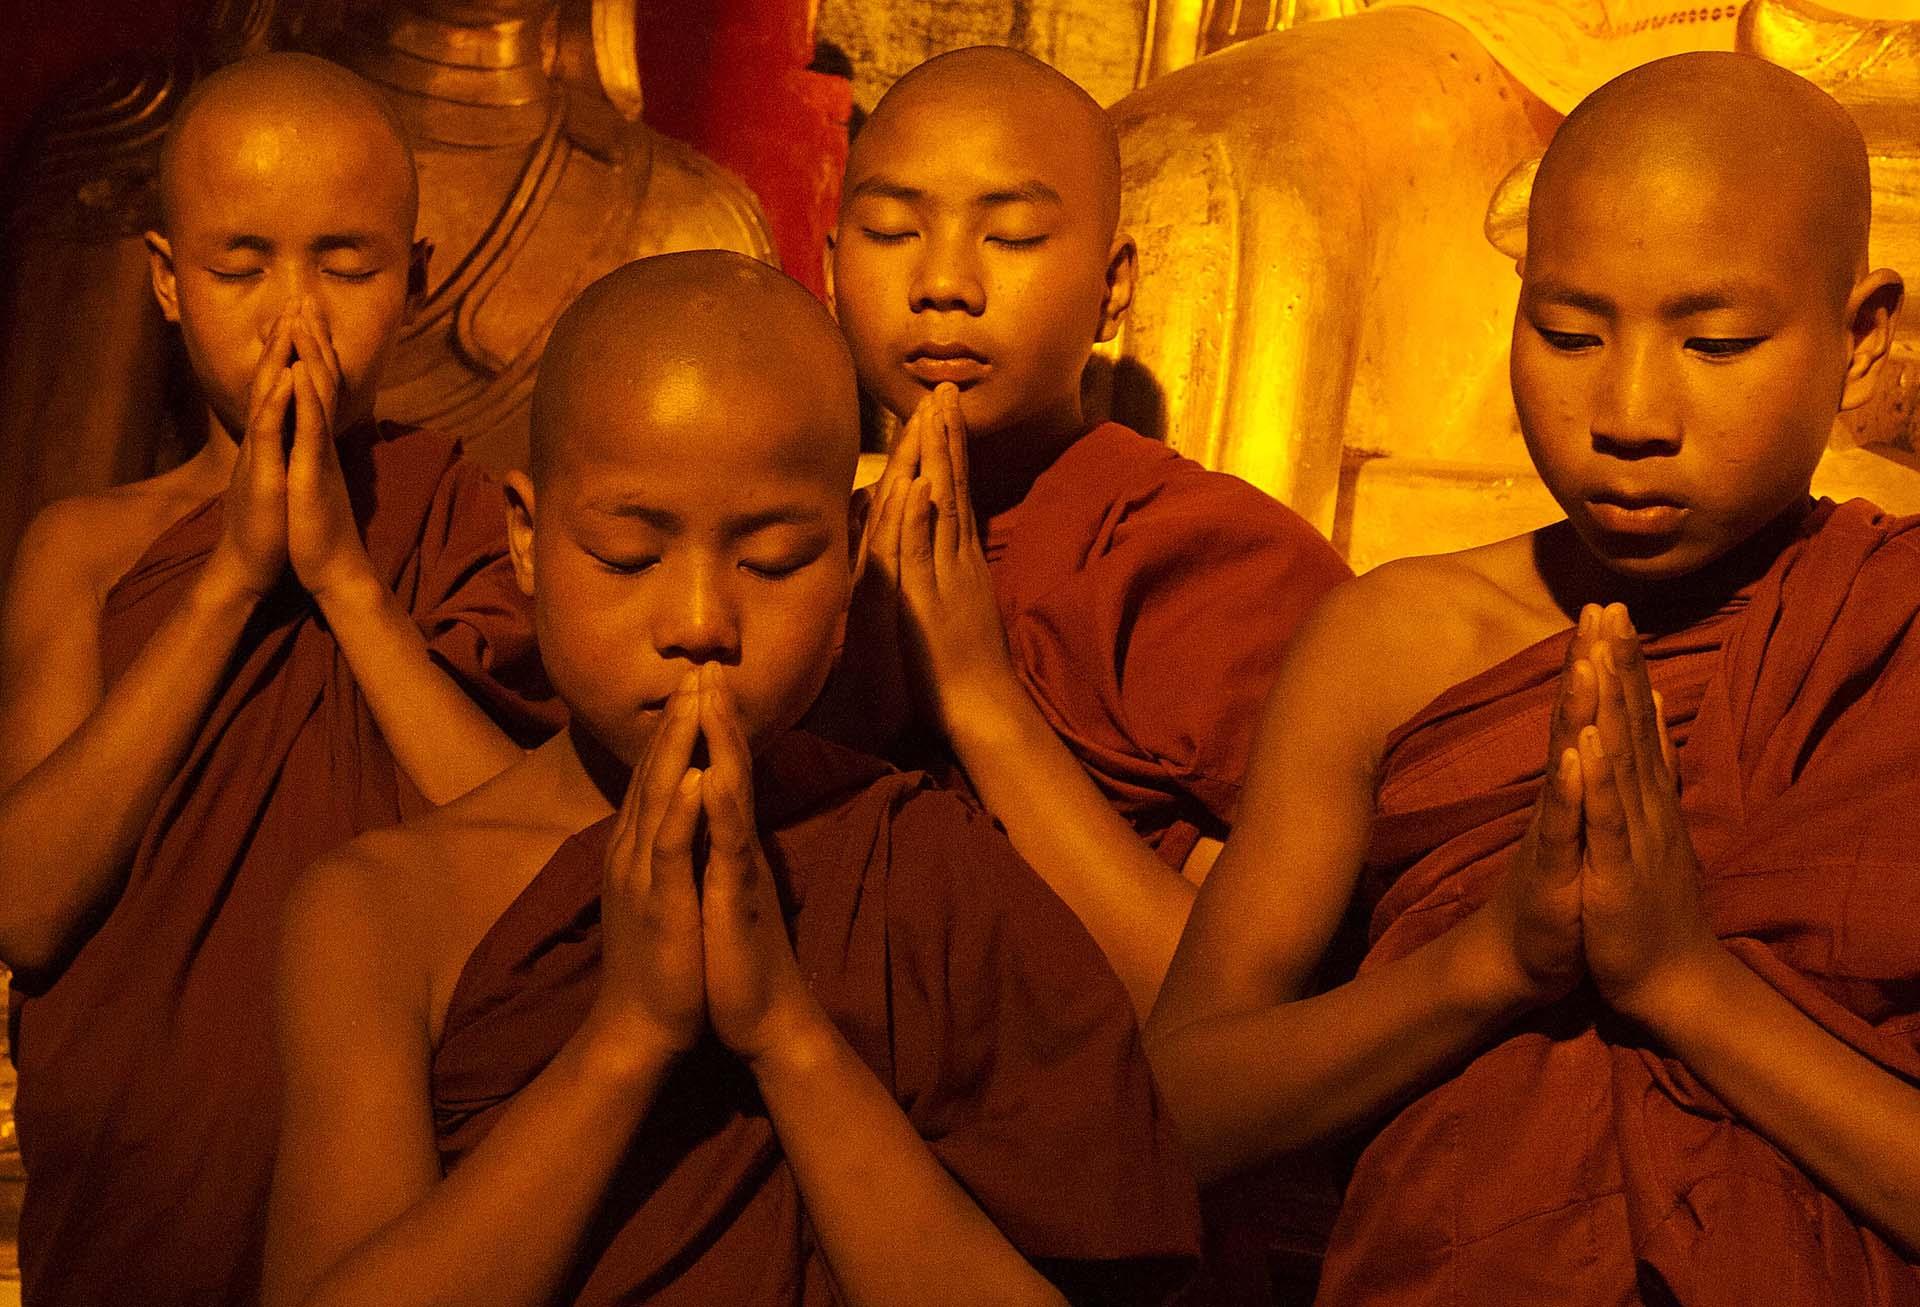 myanmar-biddende-jongen-monikken-boeddisme-header